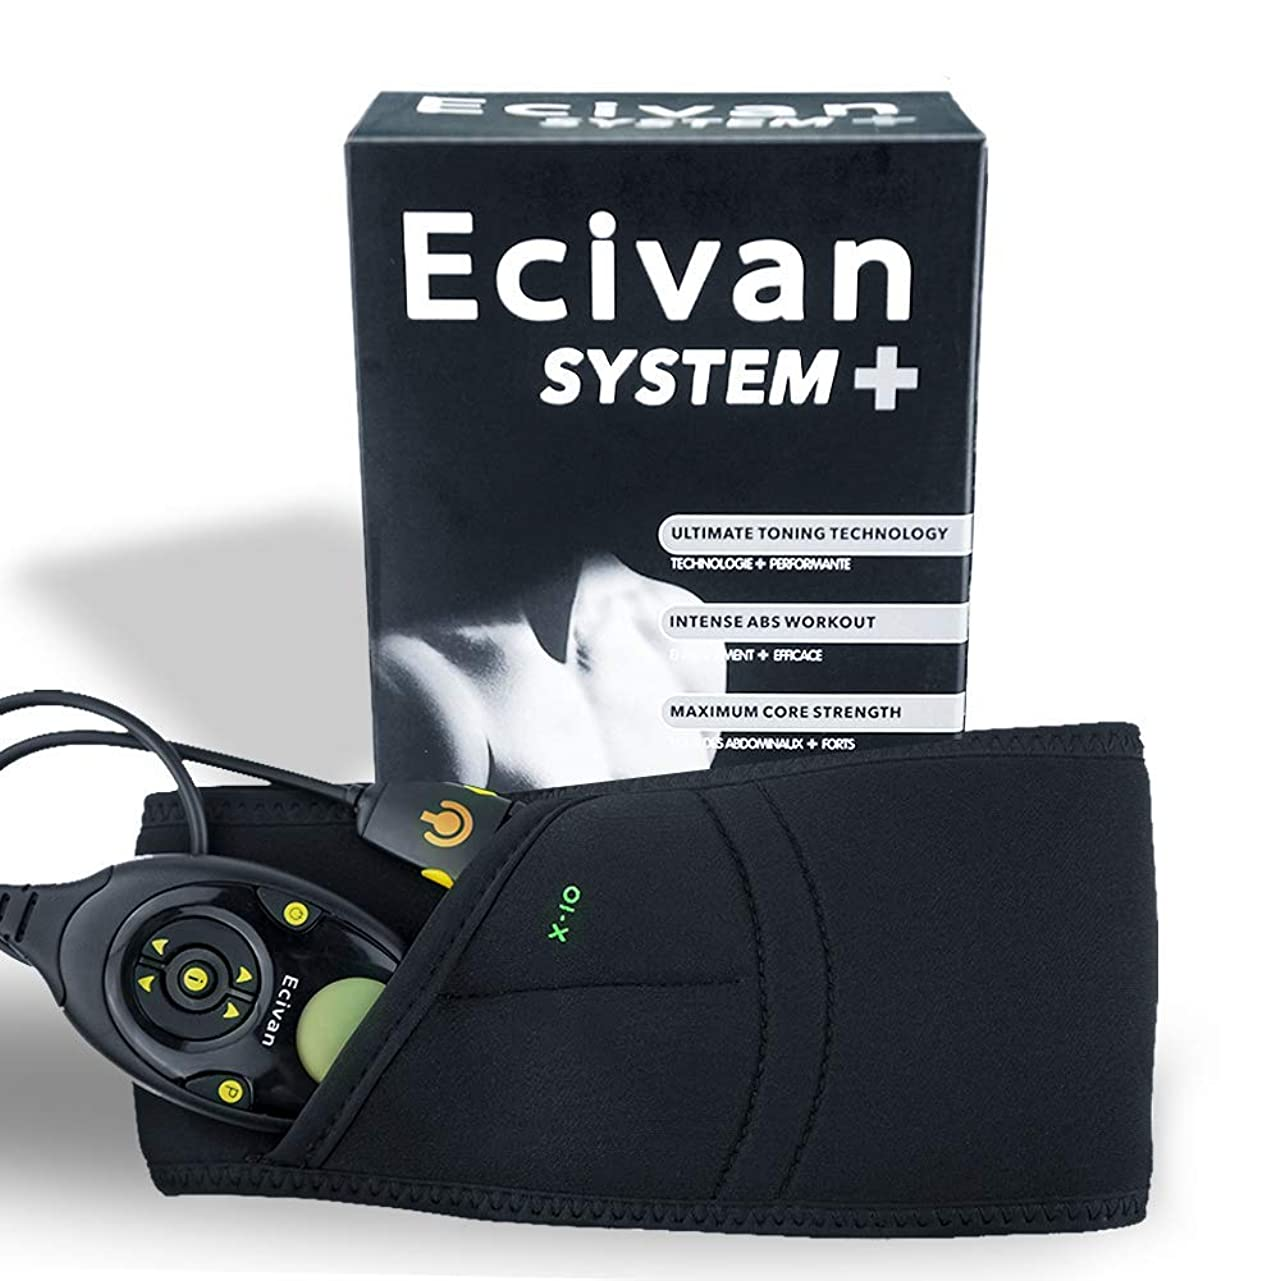 判定樹皮フレットEcivan EMS 腹筋ベルトボディフィットスリム トレーニング 電気振動マッサージ 痩身マシン 電動器具腹巻き USB充電 150階段